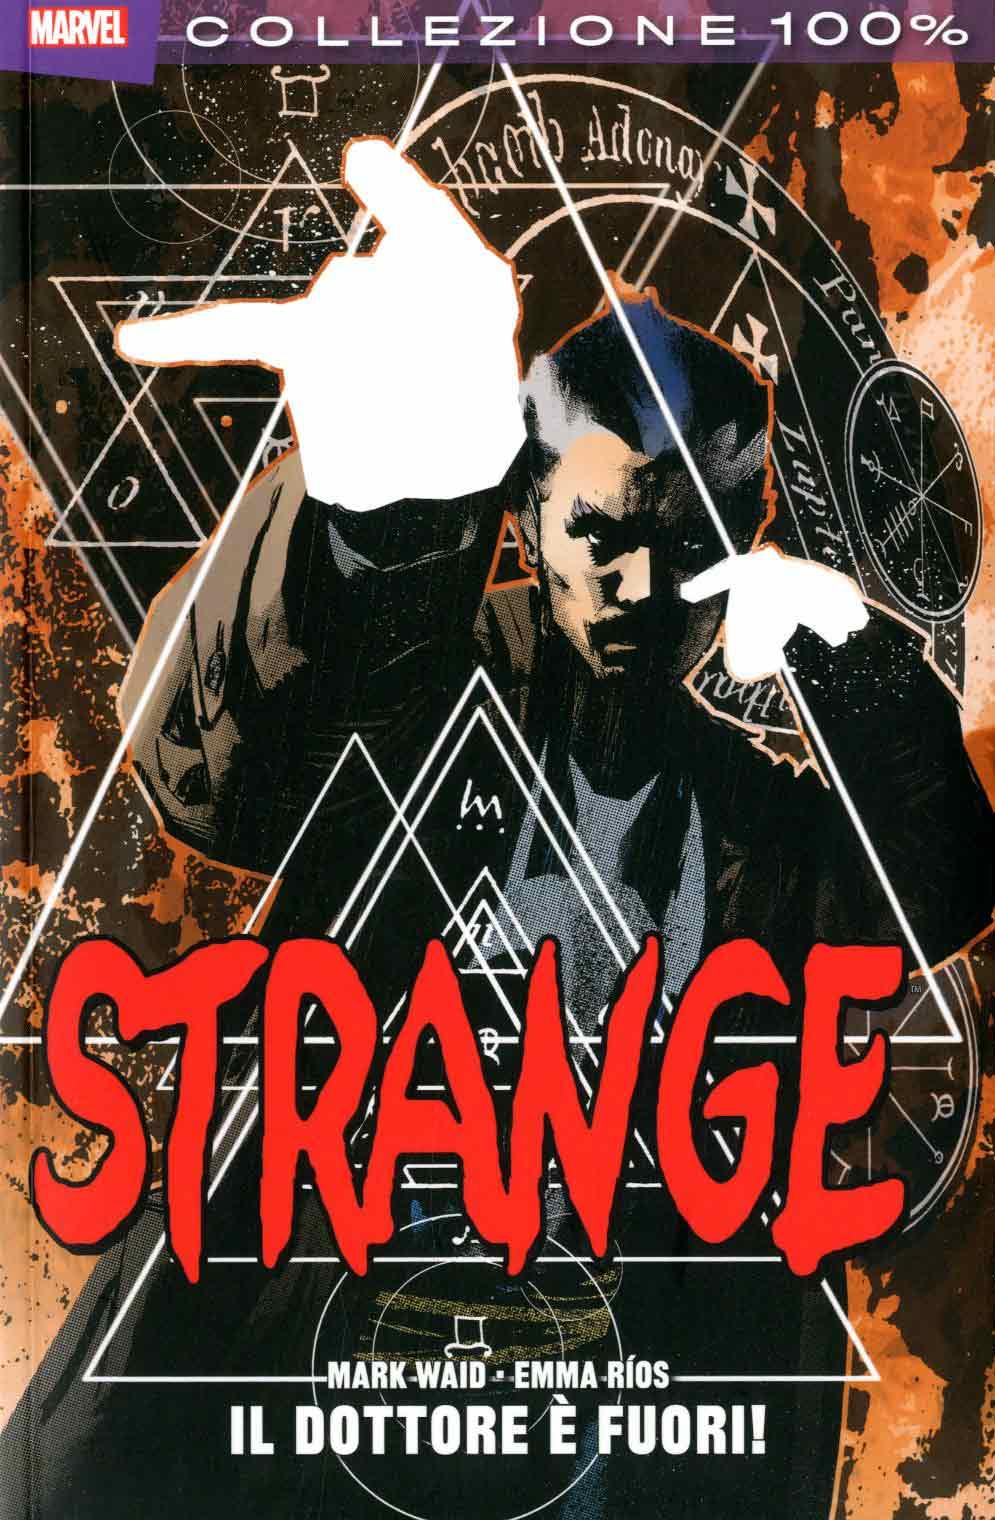 Dr. Strange: Il Dottore è fuori